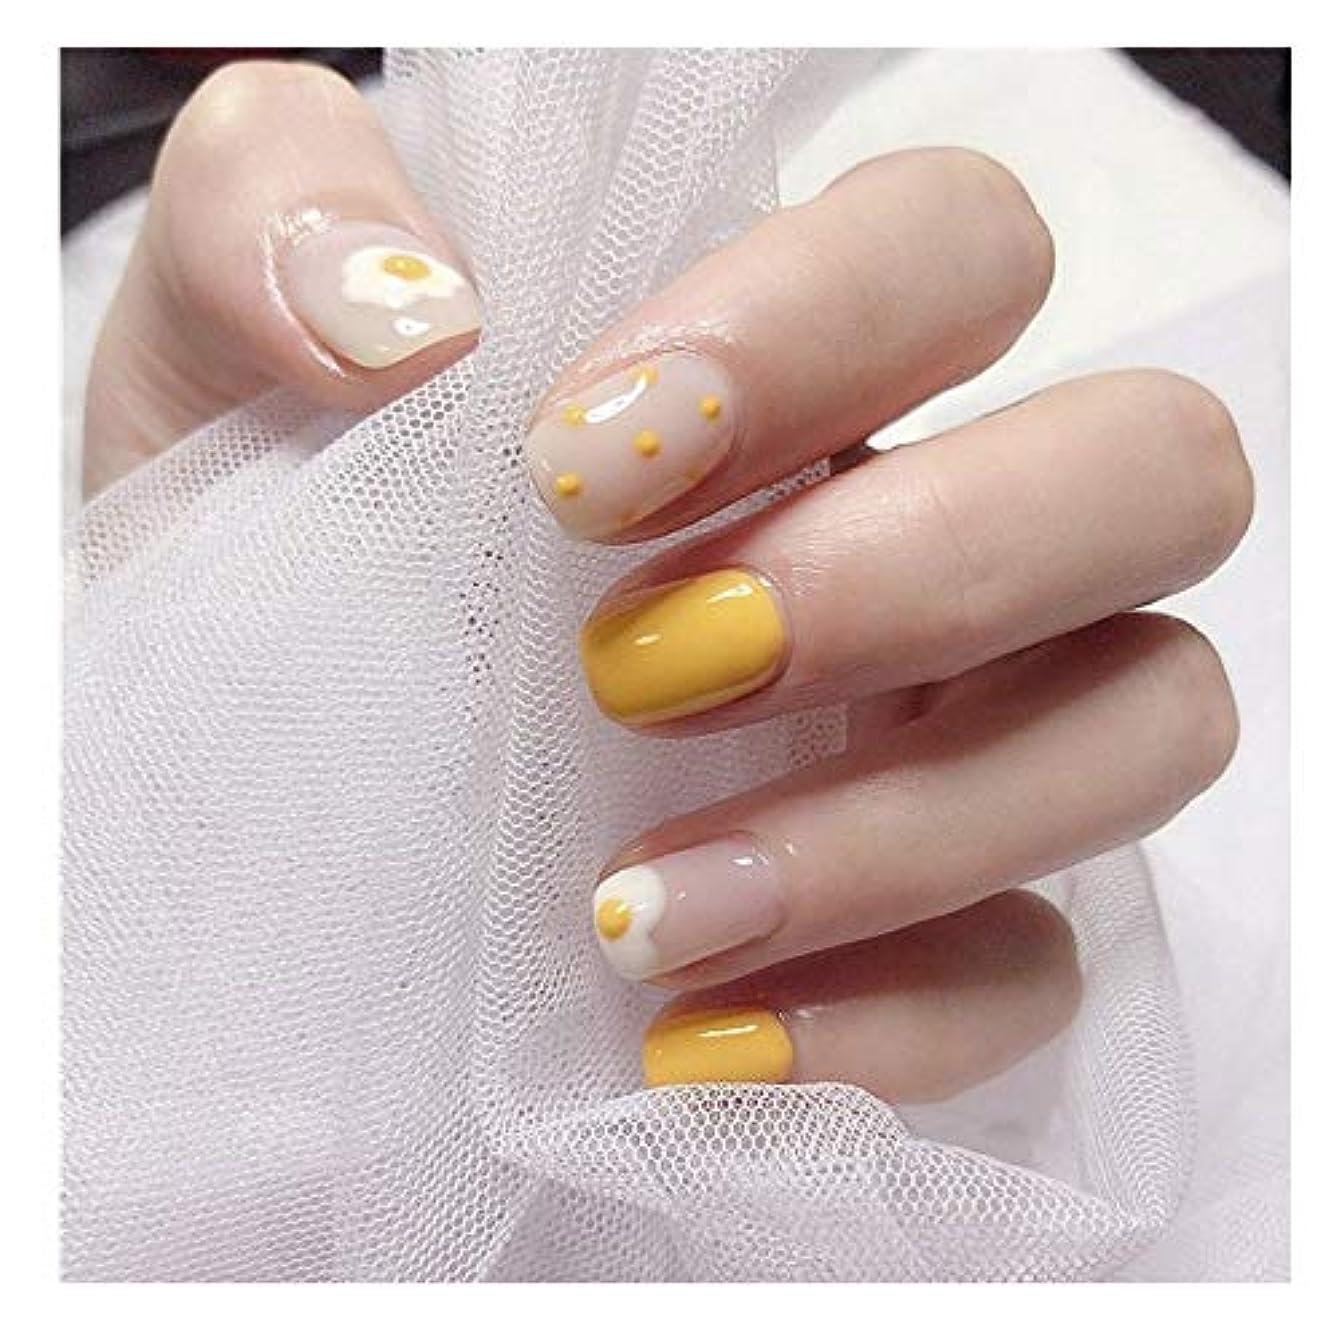 描写衝突するセーブYESONEEP 黄色の卵偽の釘のショートスクエアネイルグルー完成ネイルアートフェイクネイルズ (色 : 24 pieces)